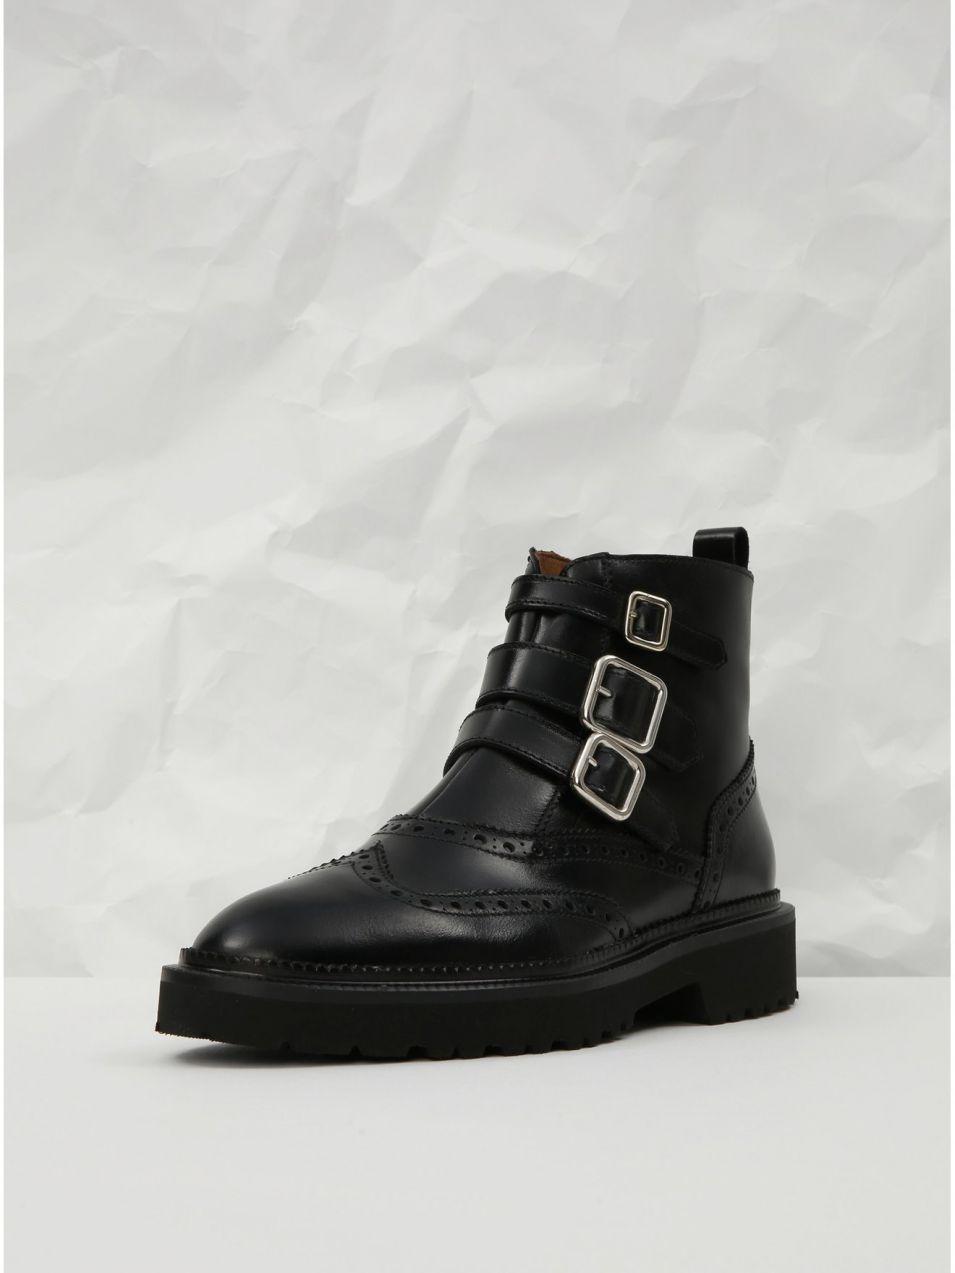 Čierne kožené členkové topánky s brogue zdobením Frau Antic značky ... 362f2c27adf